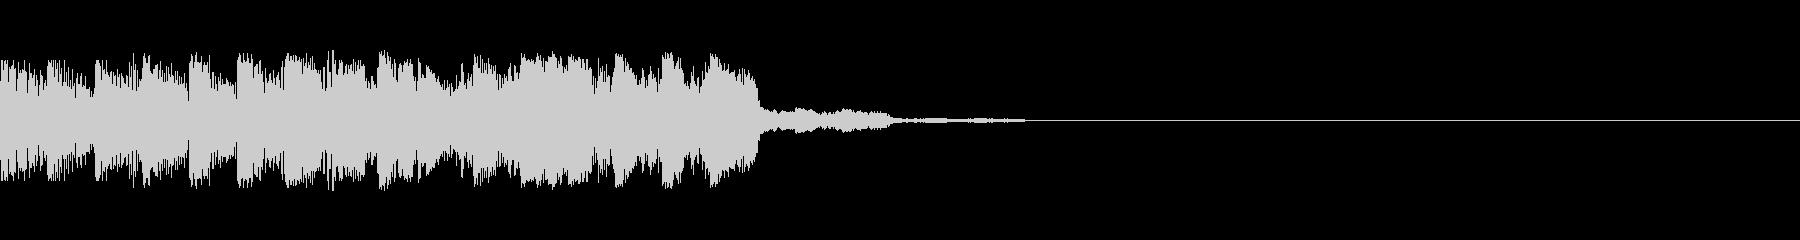 パチンコ的アイテム獲得音10(SU02)の未再生の波形